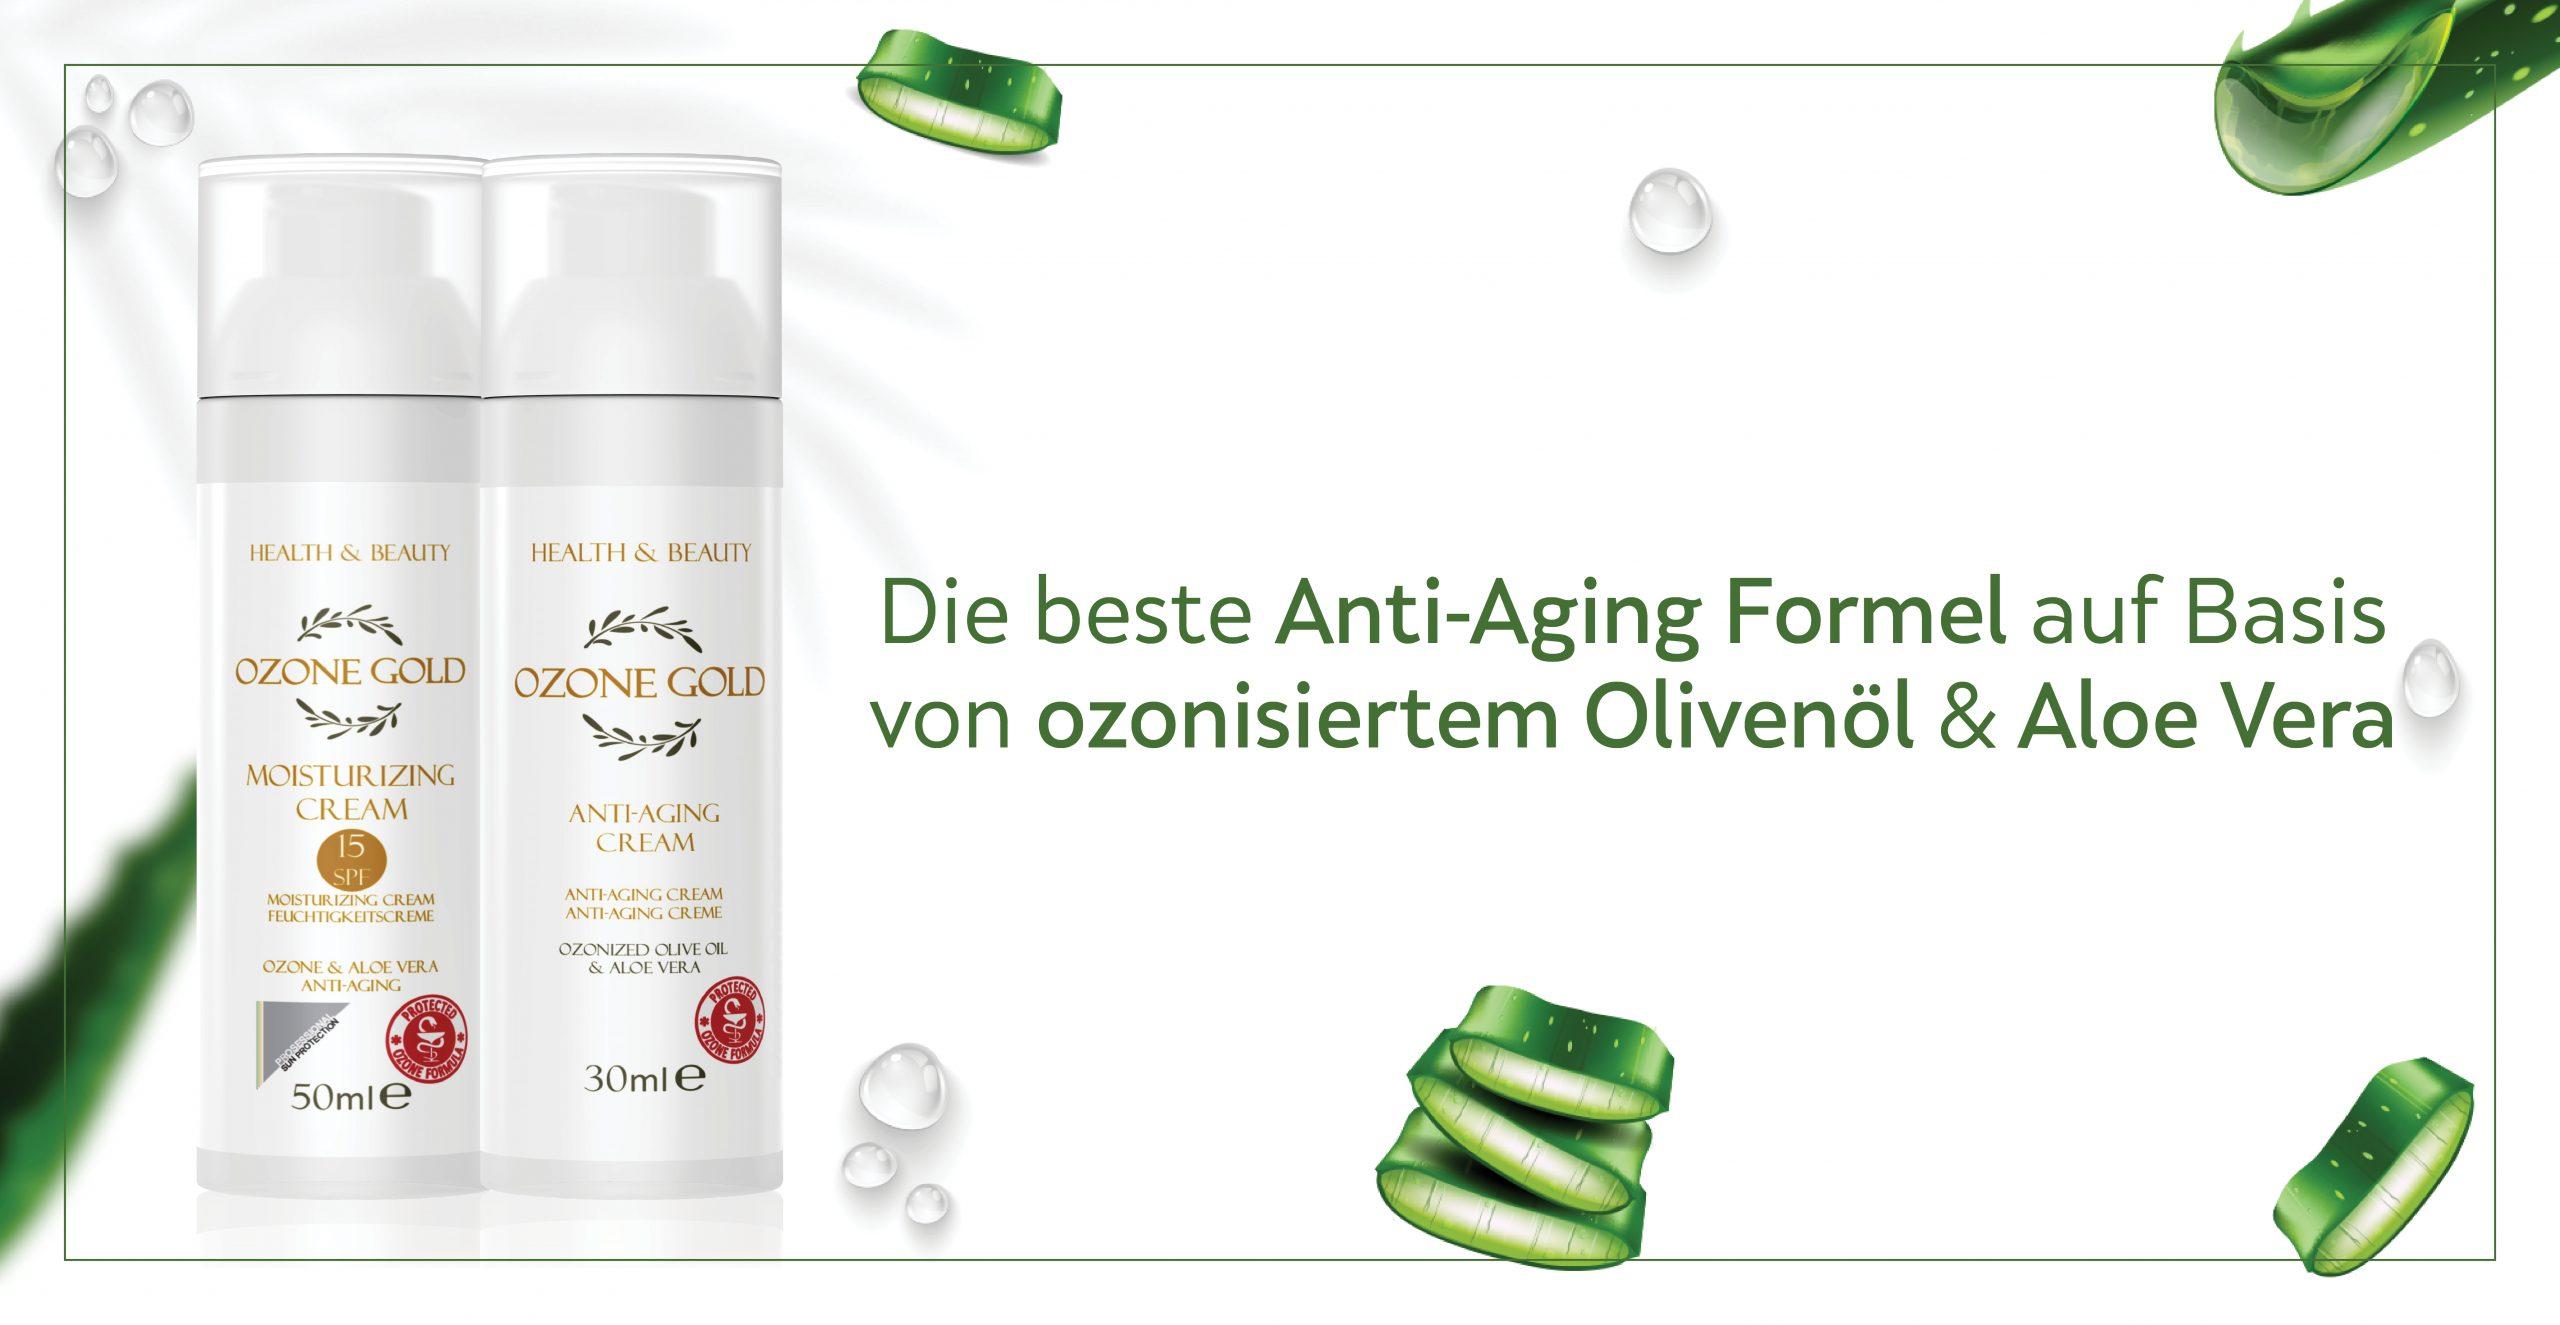 Baner Ozone Gold 09.08.2021 Anti Aging Moisturizing Cream DE scaled - OZONE GOLD